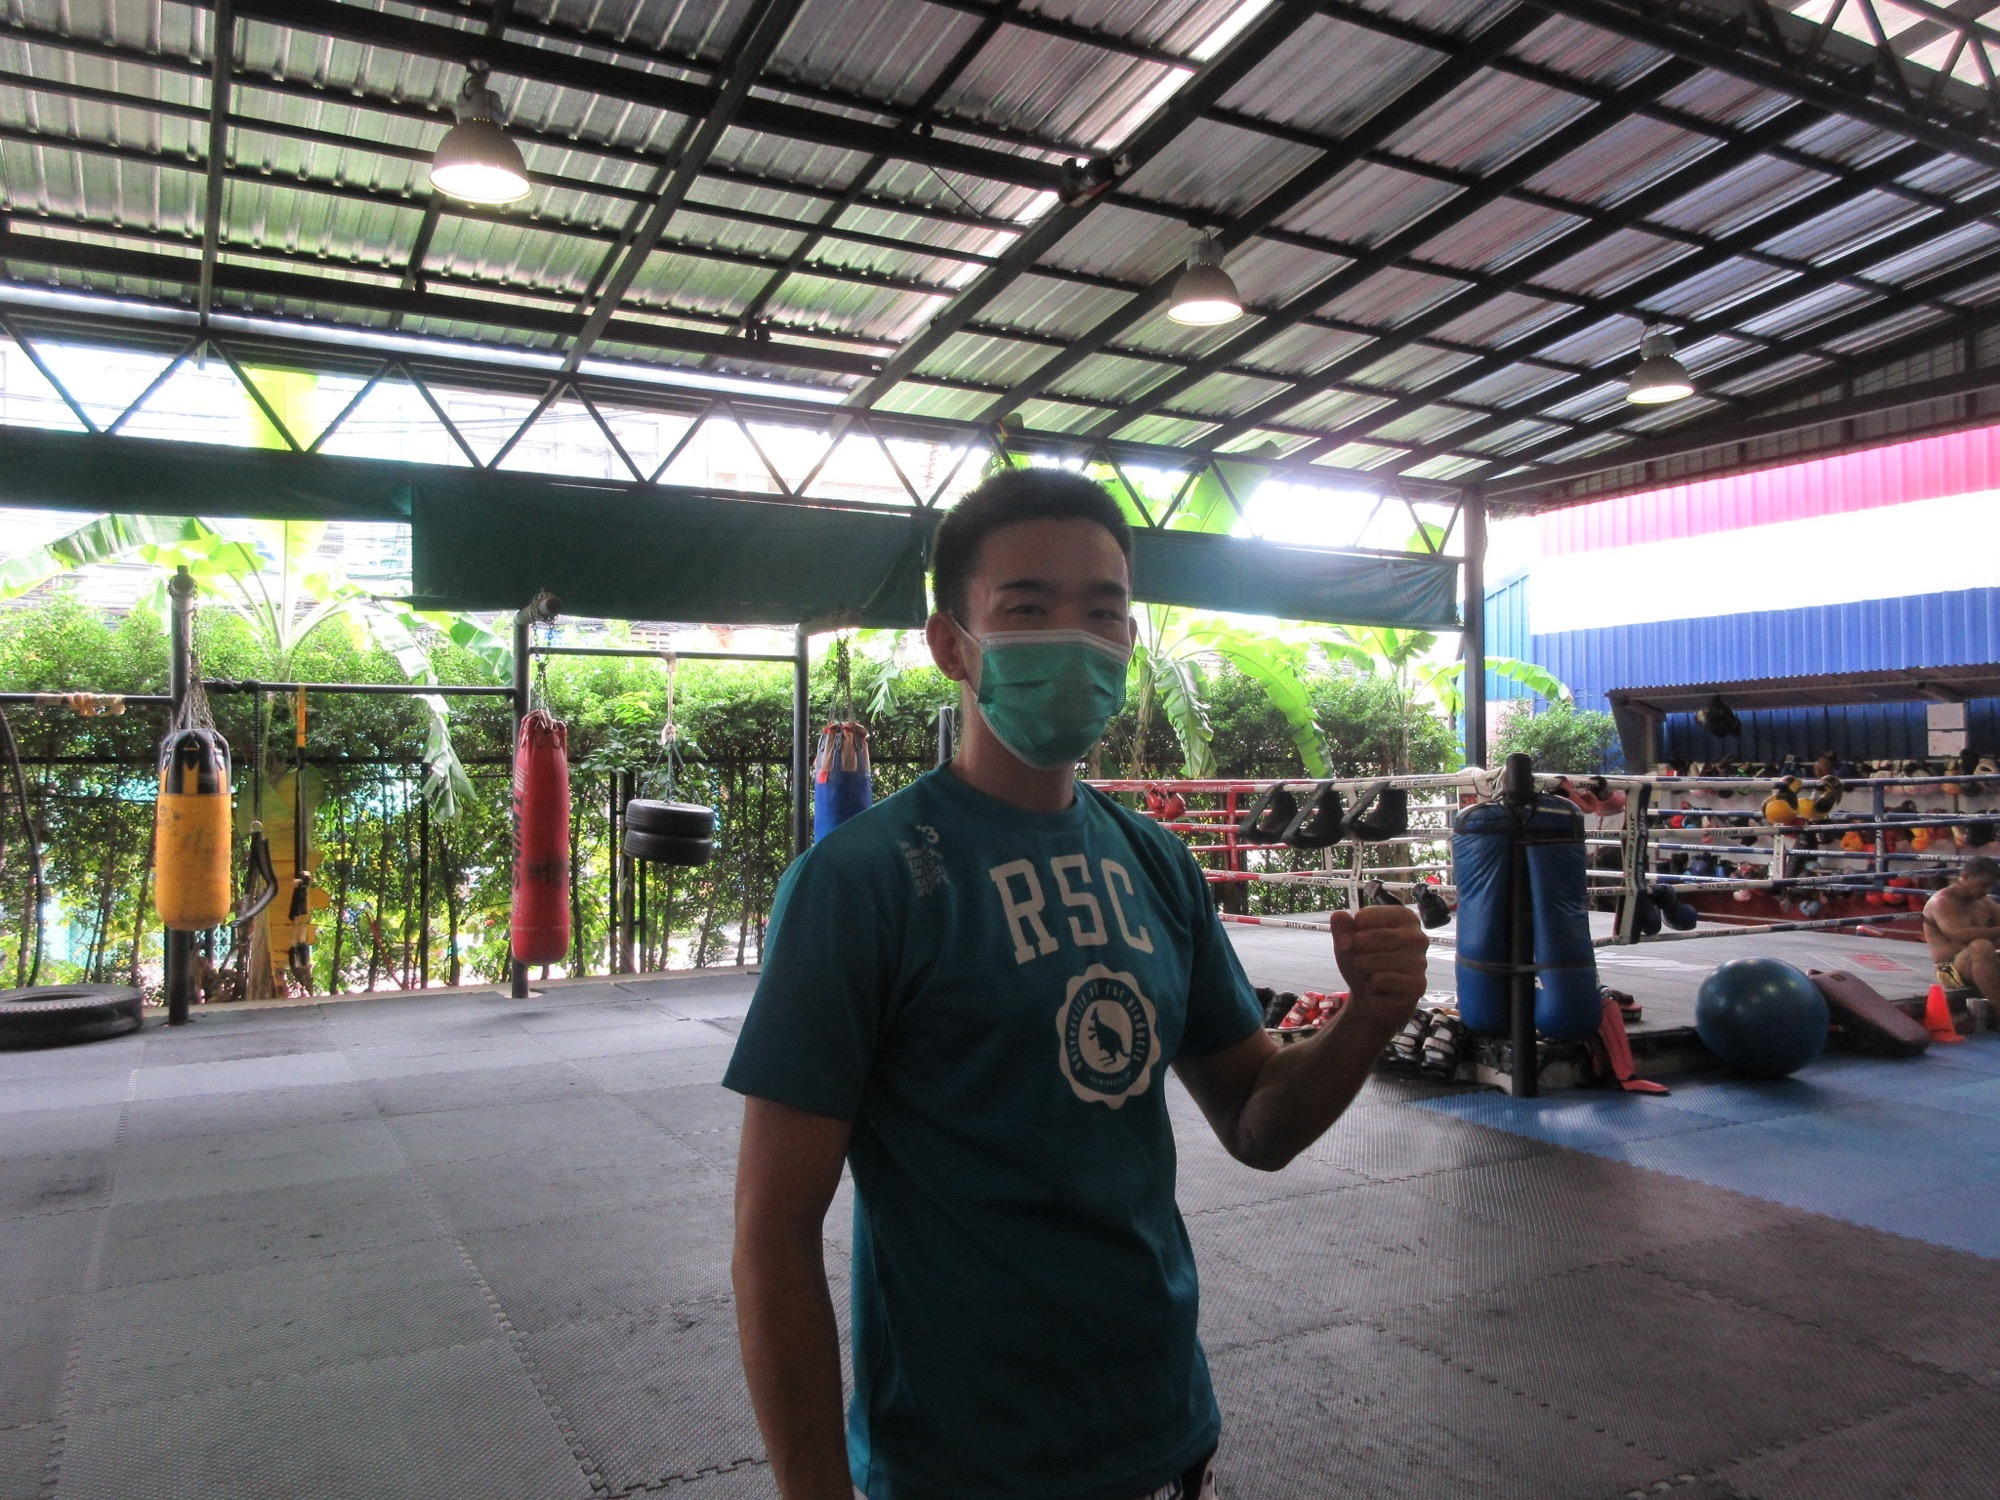 アウェーで40戦、タイ、カンボジアで連戦のムエタイファイター中村慎之介選手 画像3|rsc products公式ウェブサイト